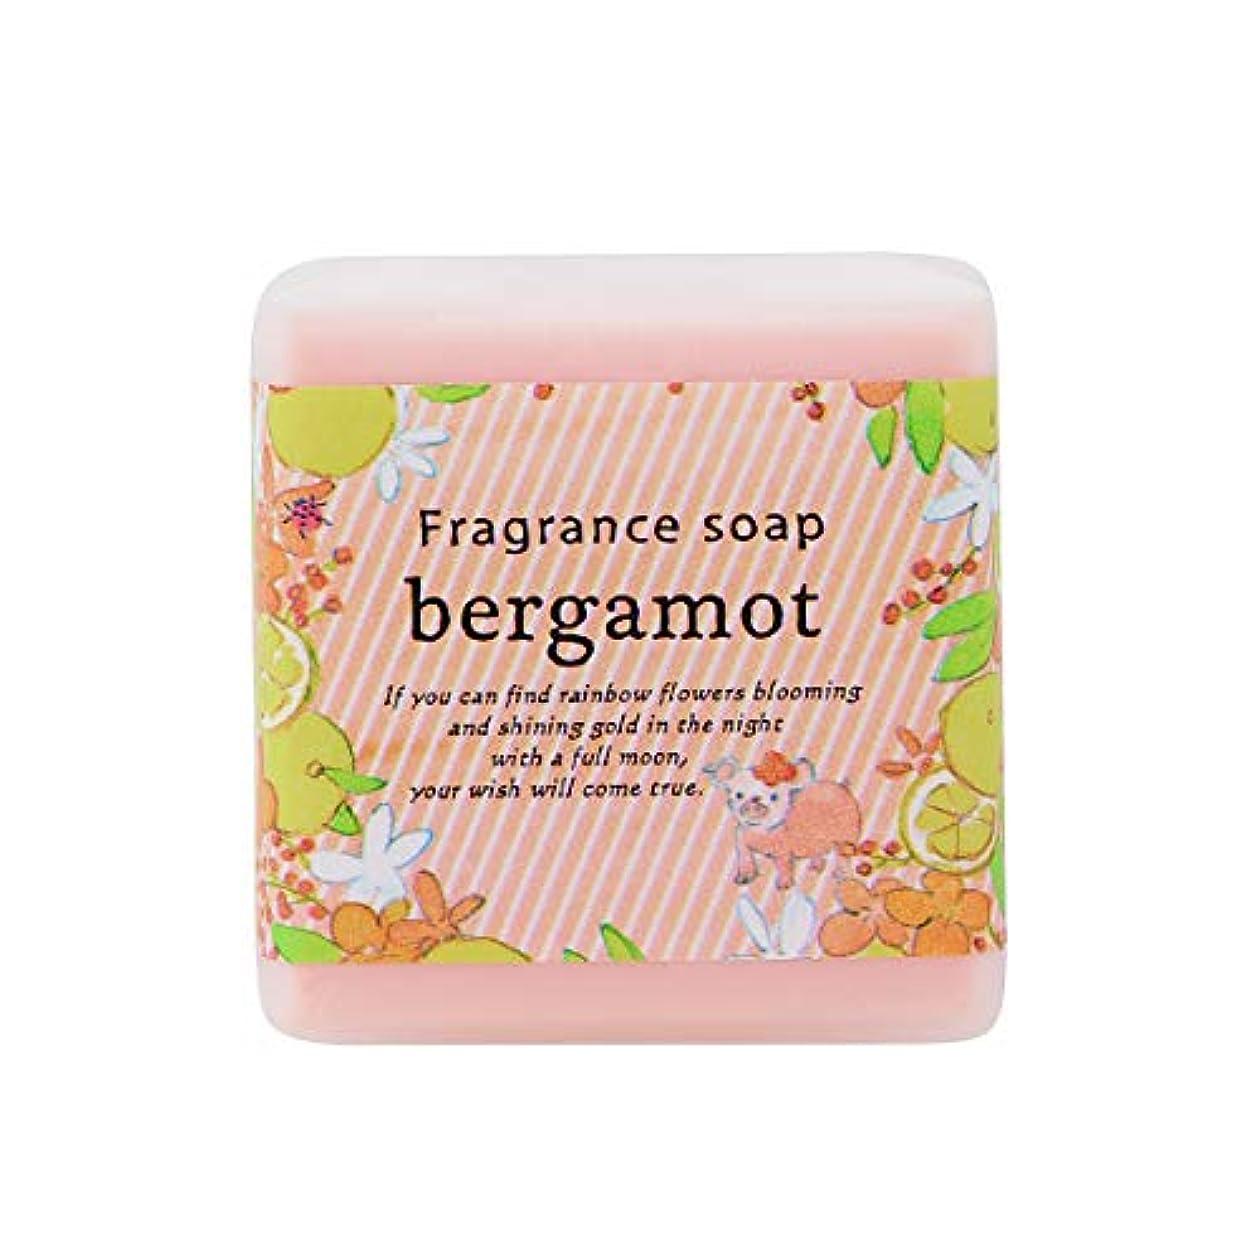 速い家より平らなサンハーブ フレグランスソープ40g ベルガモット 12個(プチ石けん ゲストソープ 懐かしい甘酸っぱい香り)